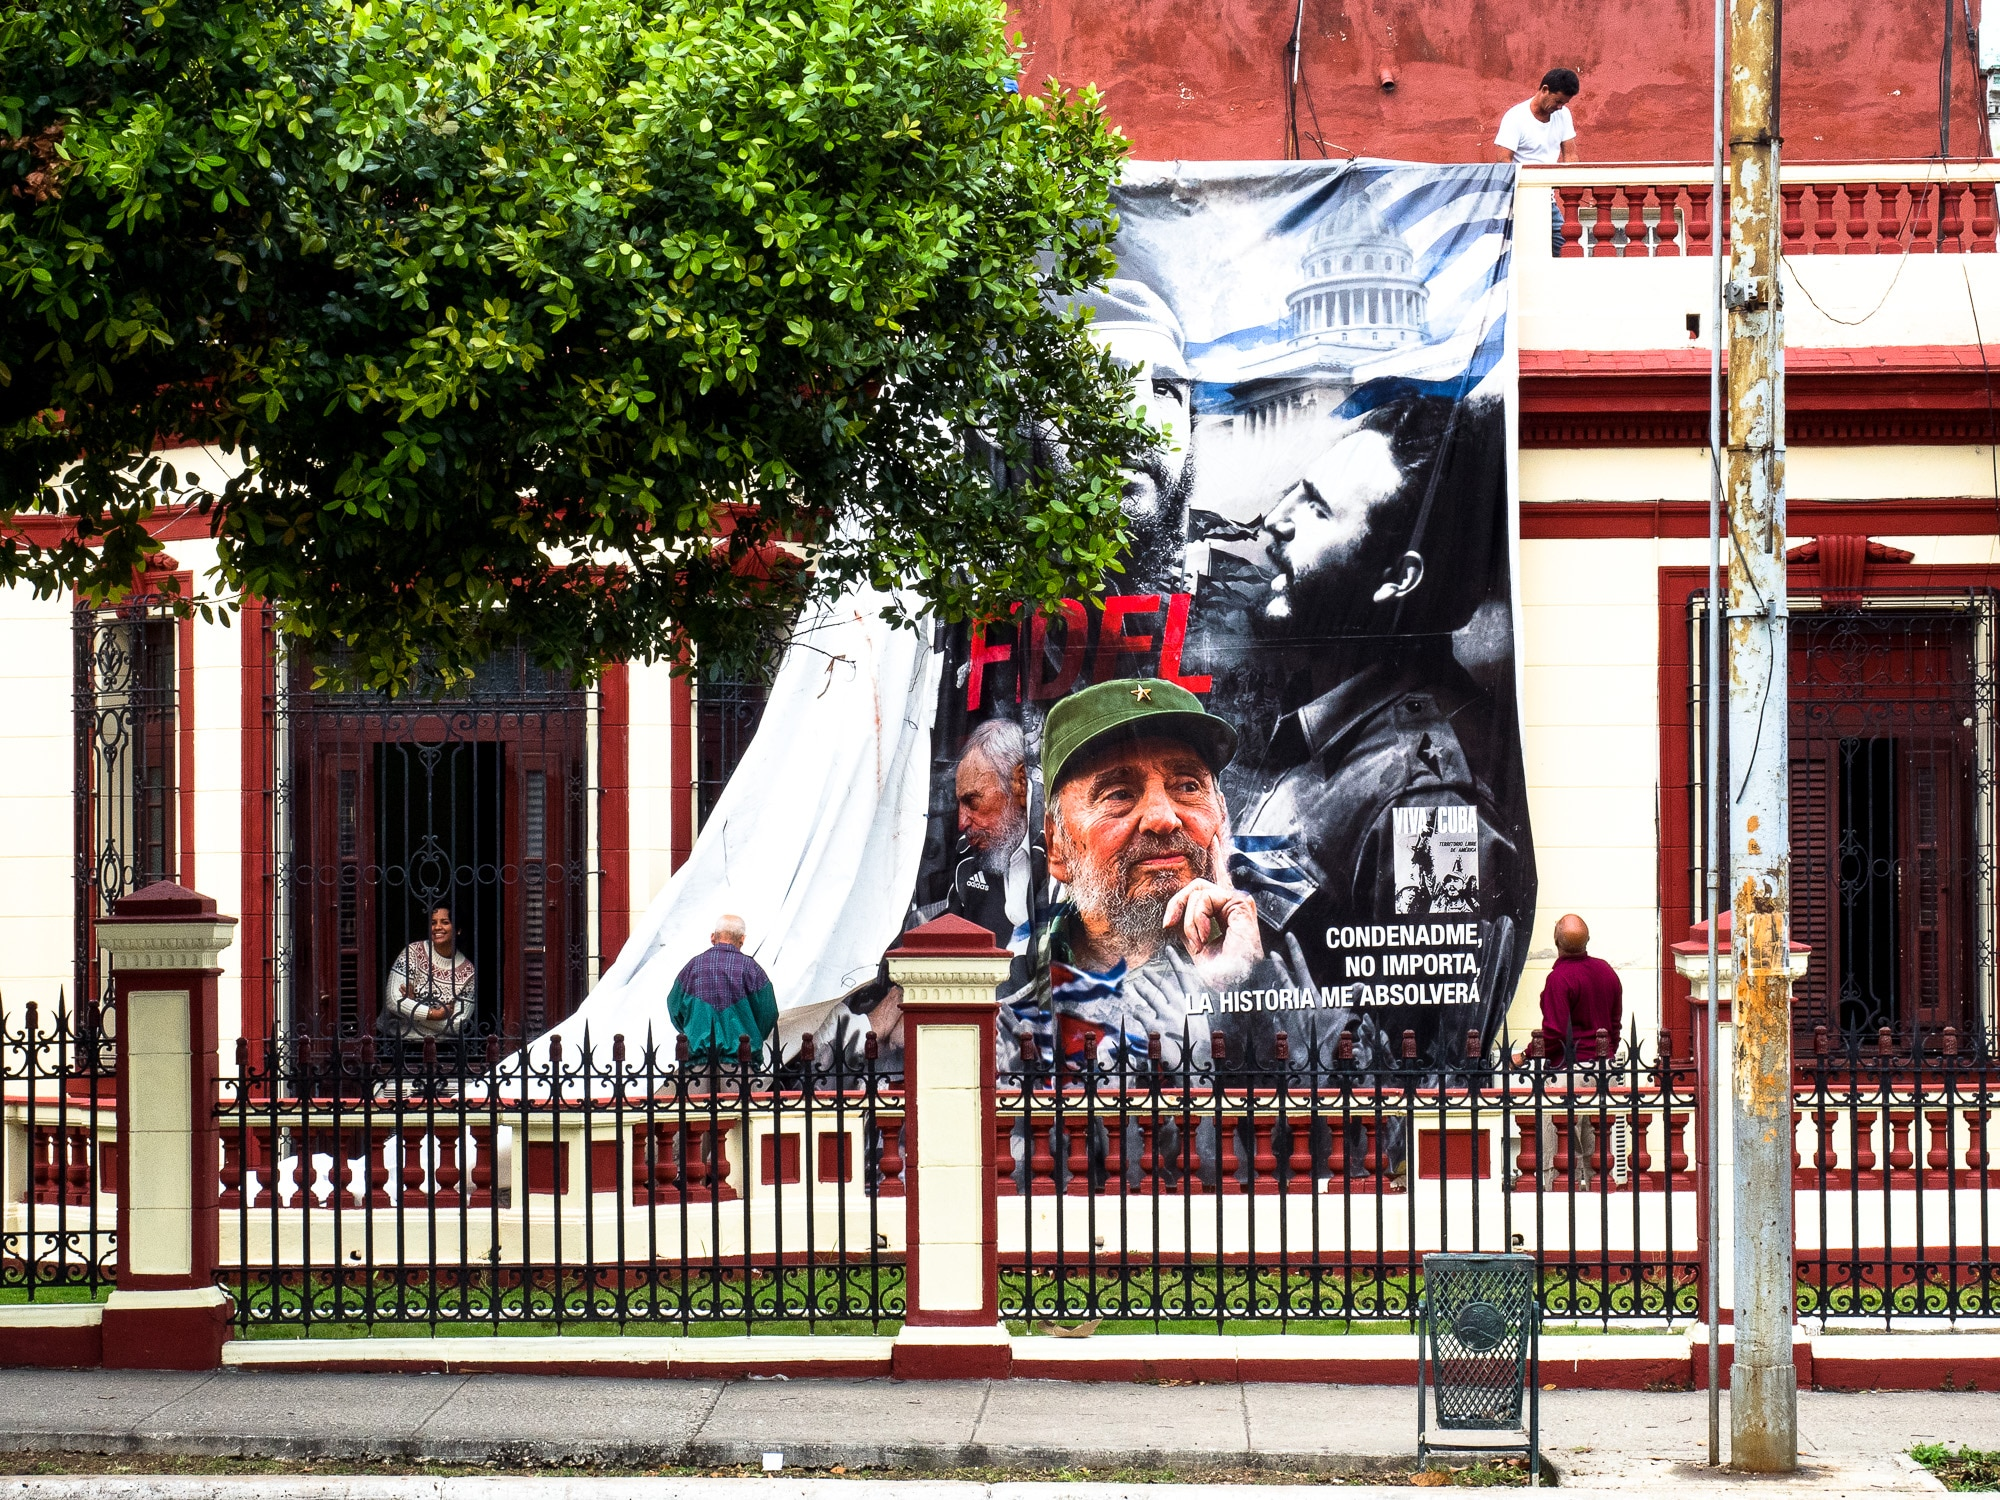 Le rideau tombe sur l'ère de Fidel Castro